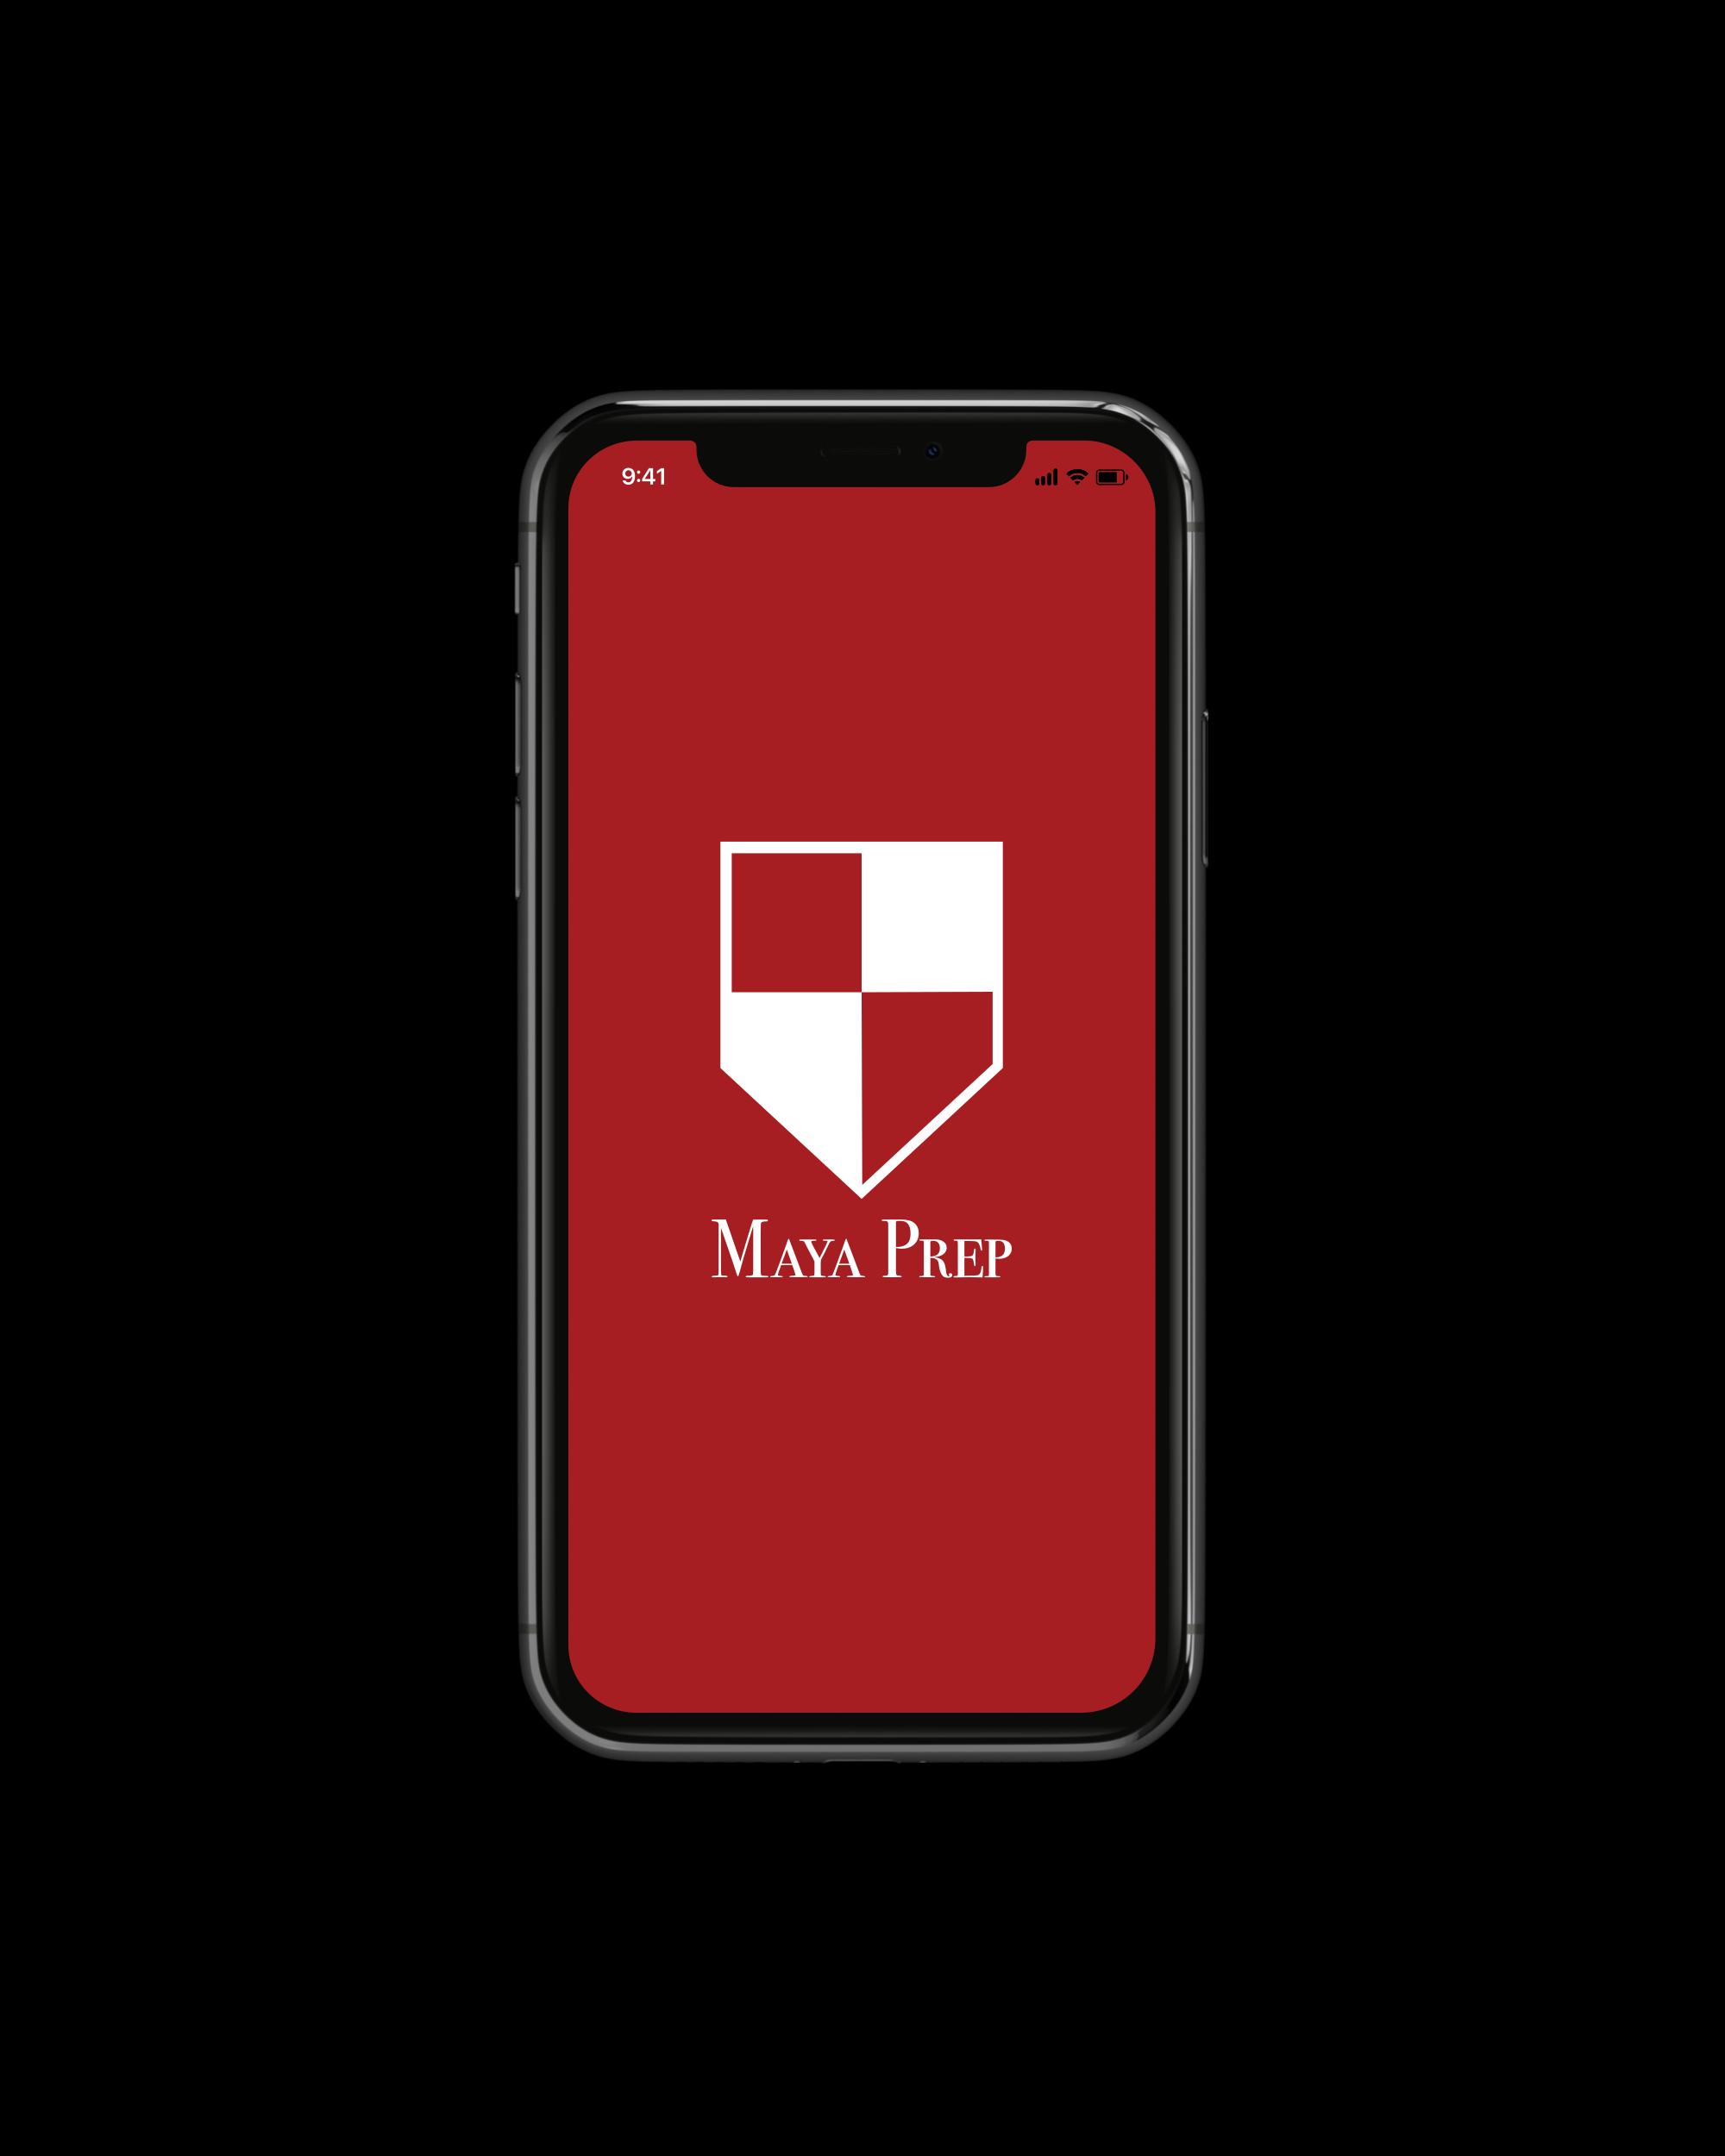 Maya Prep Mobile App